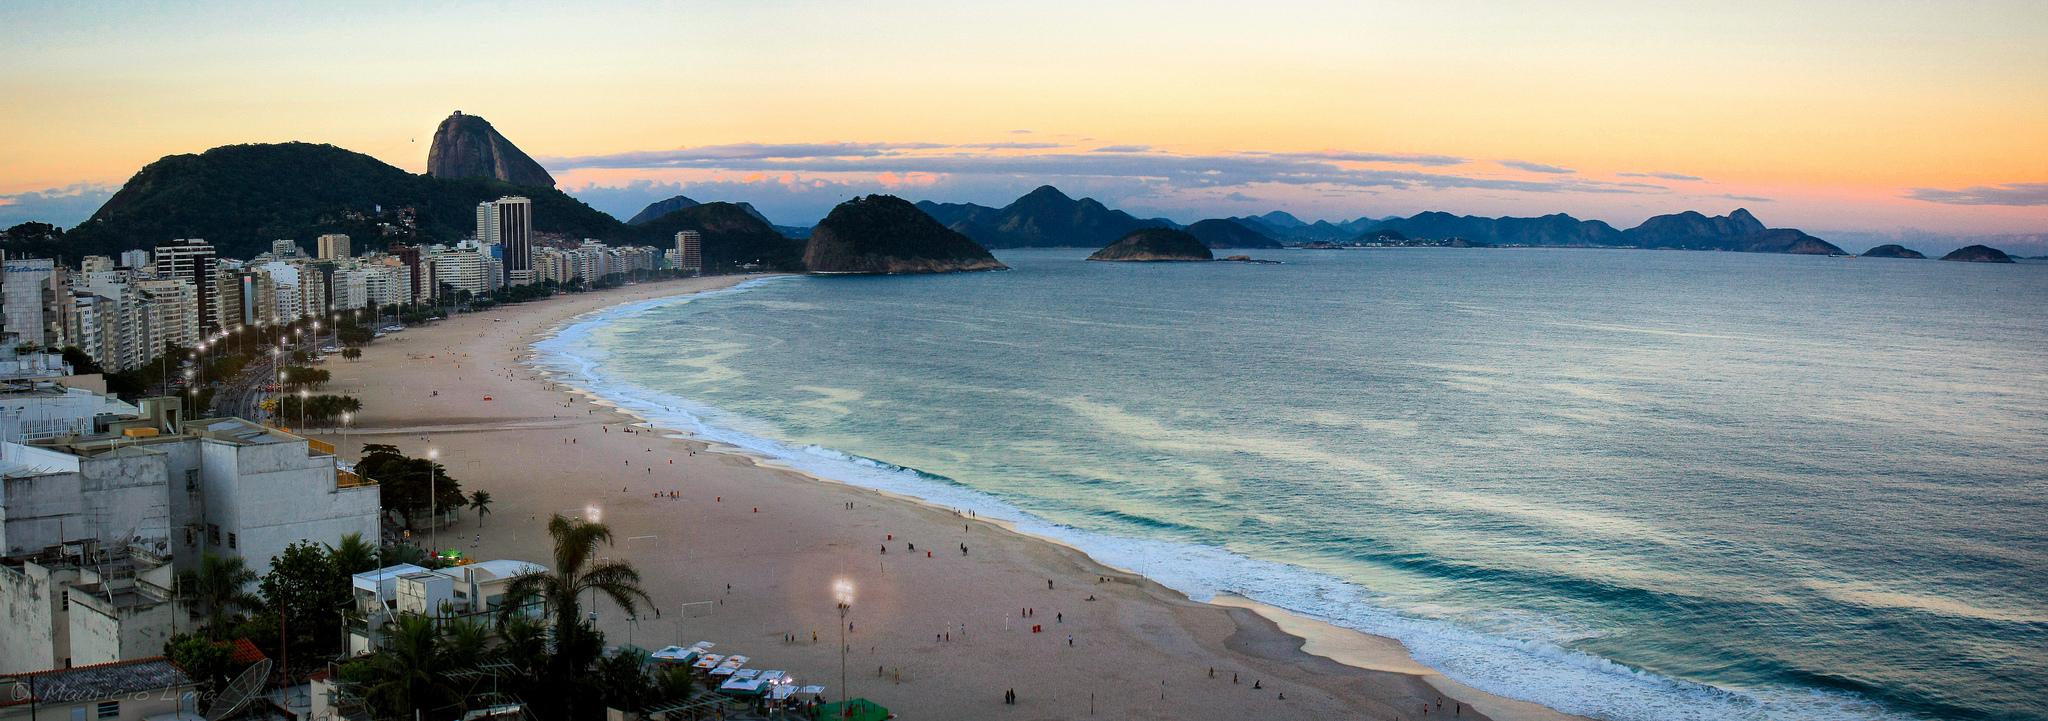 Nejslavnější pláž na světě, Lima Pix